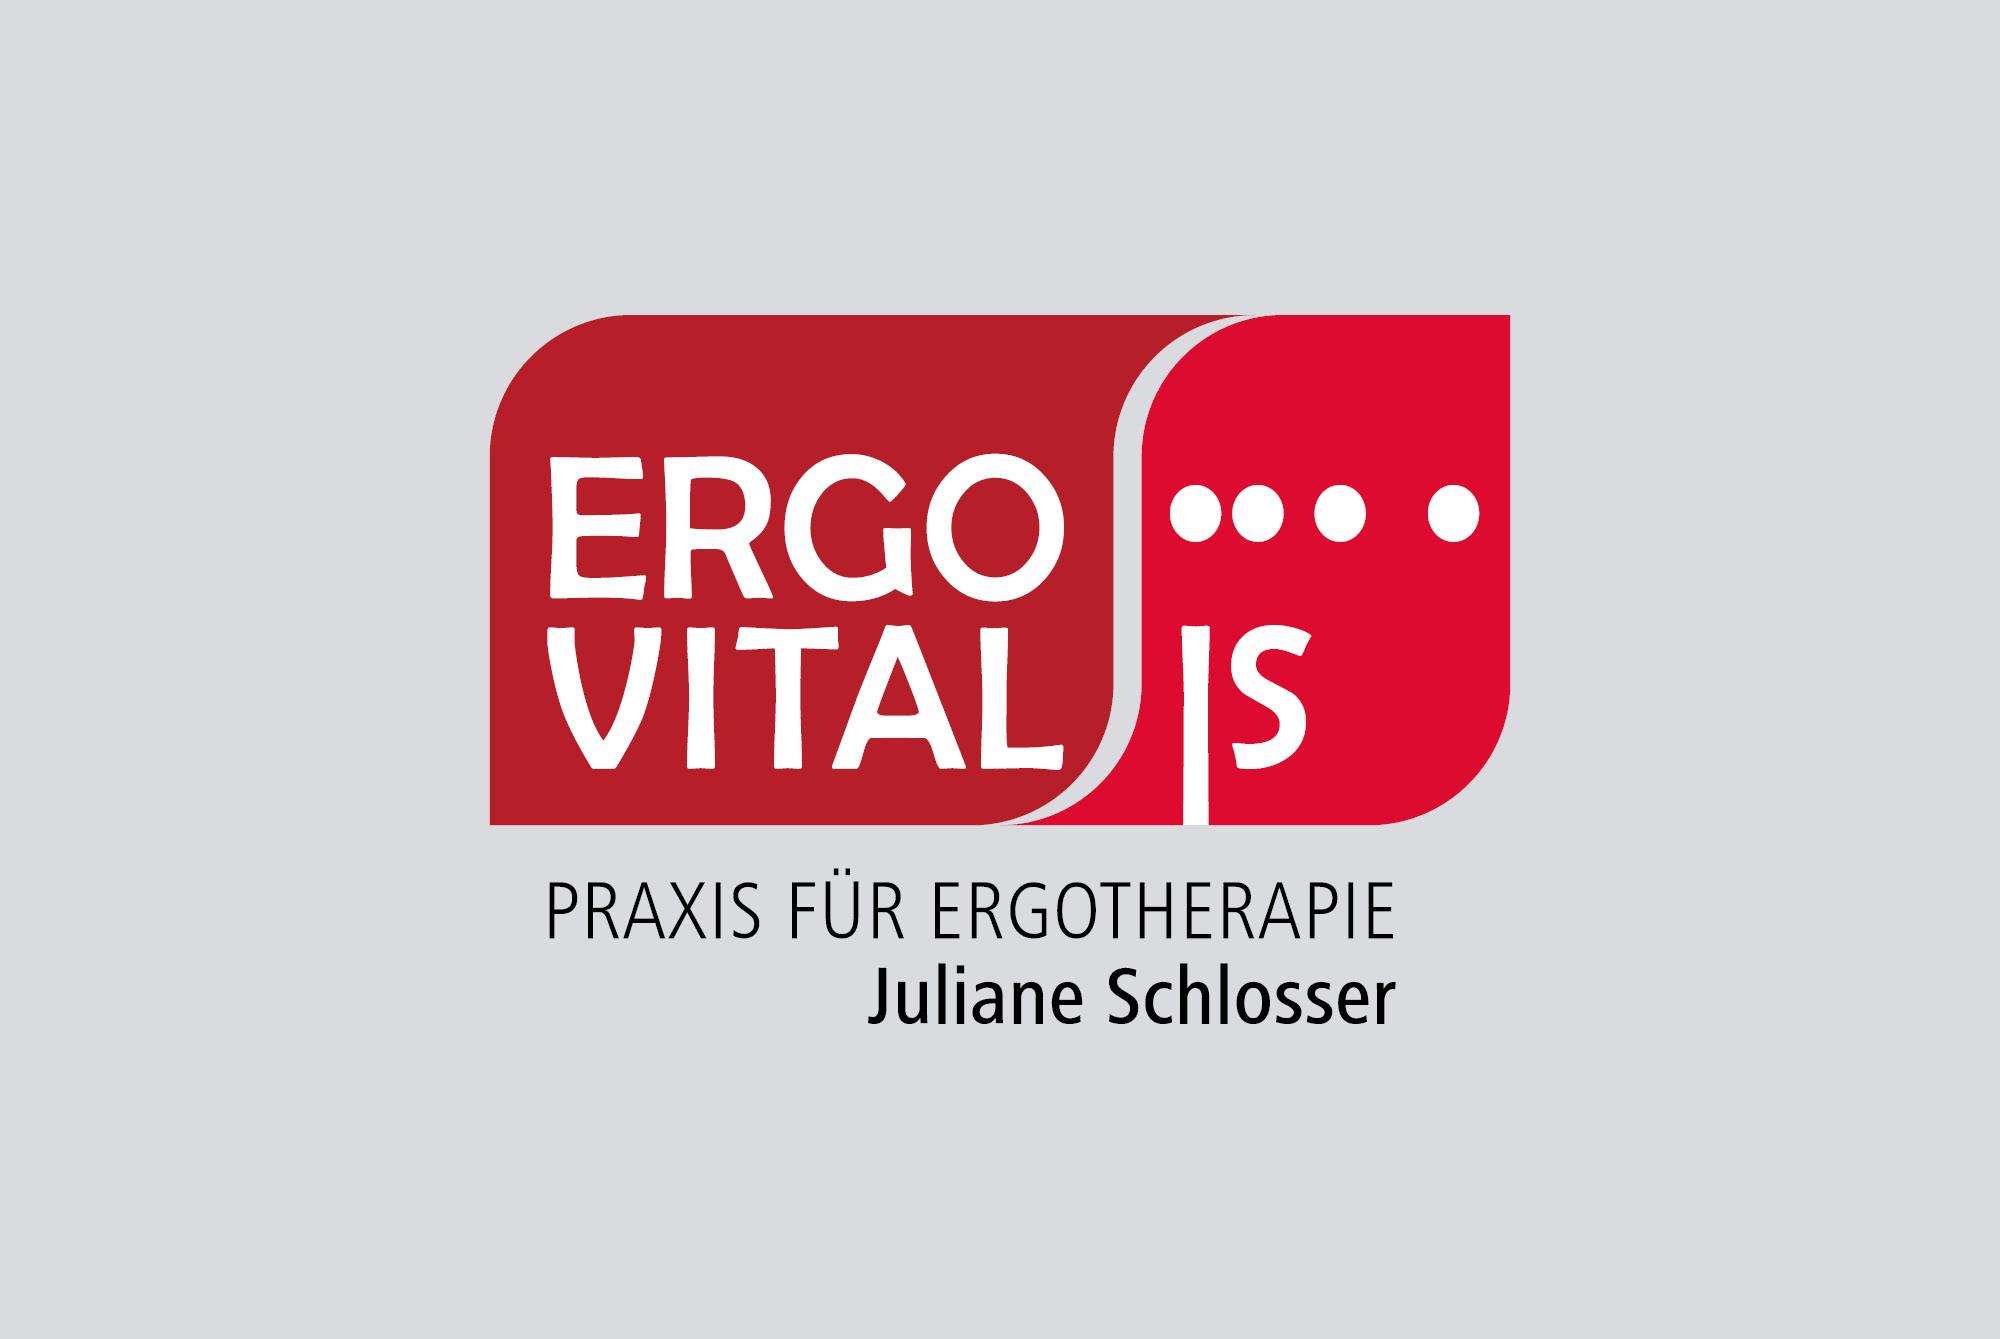 ERGOVITALiS, Branding